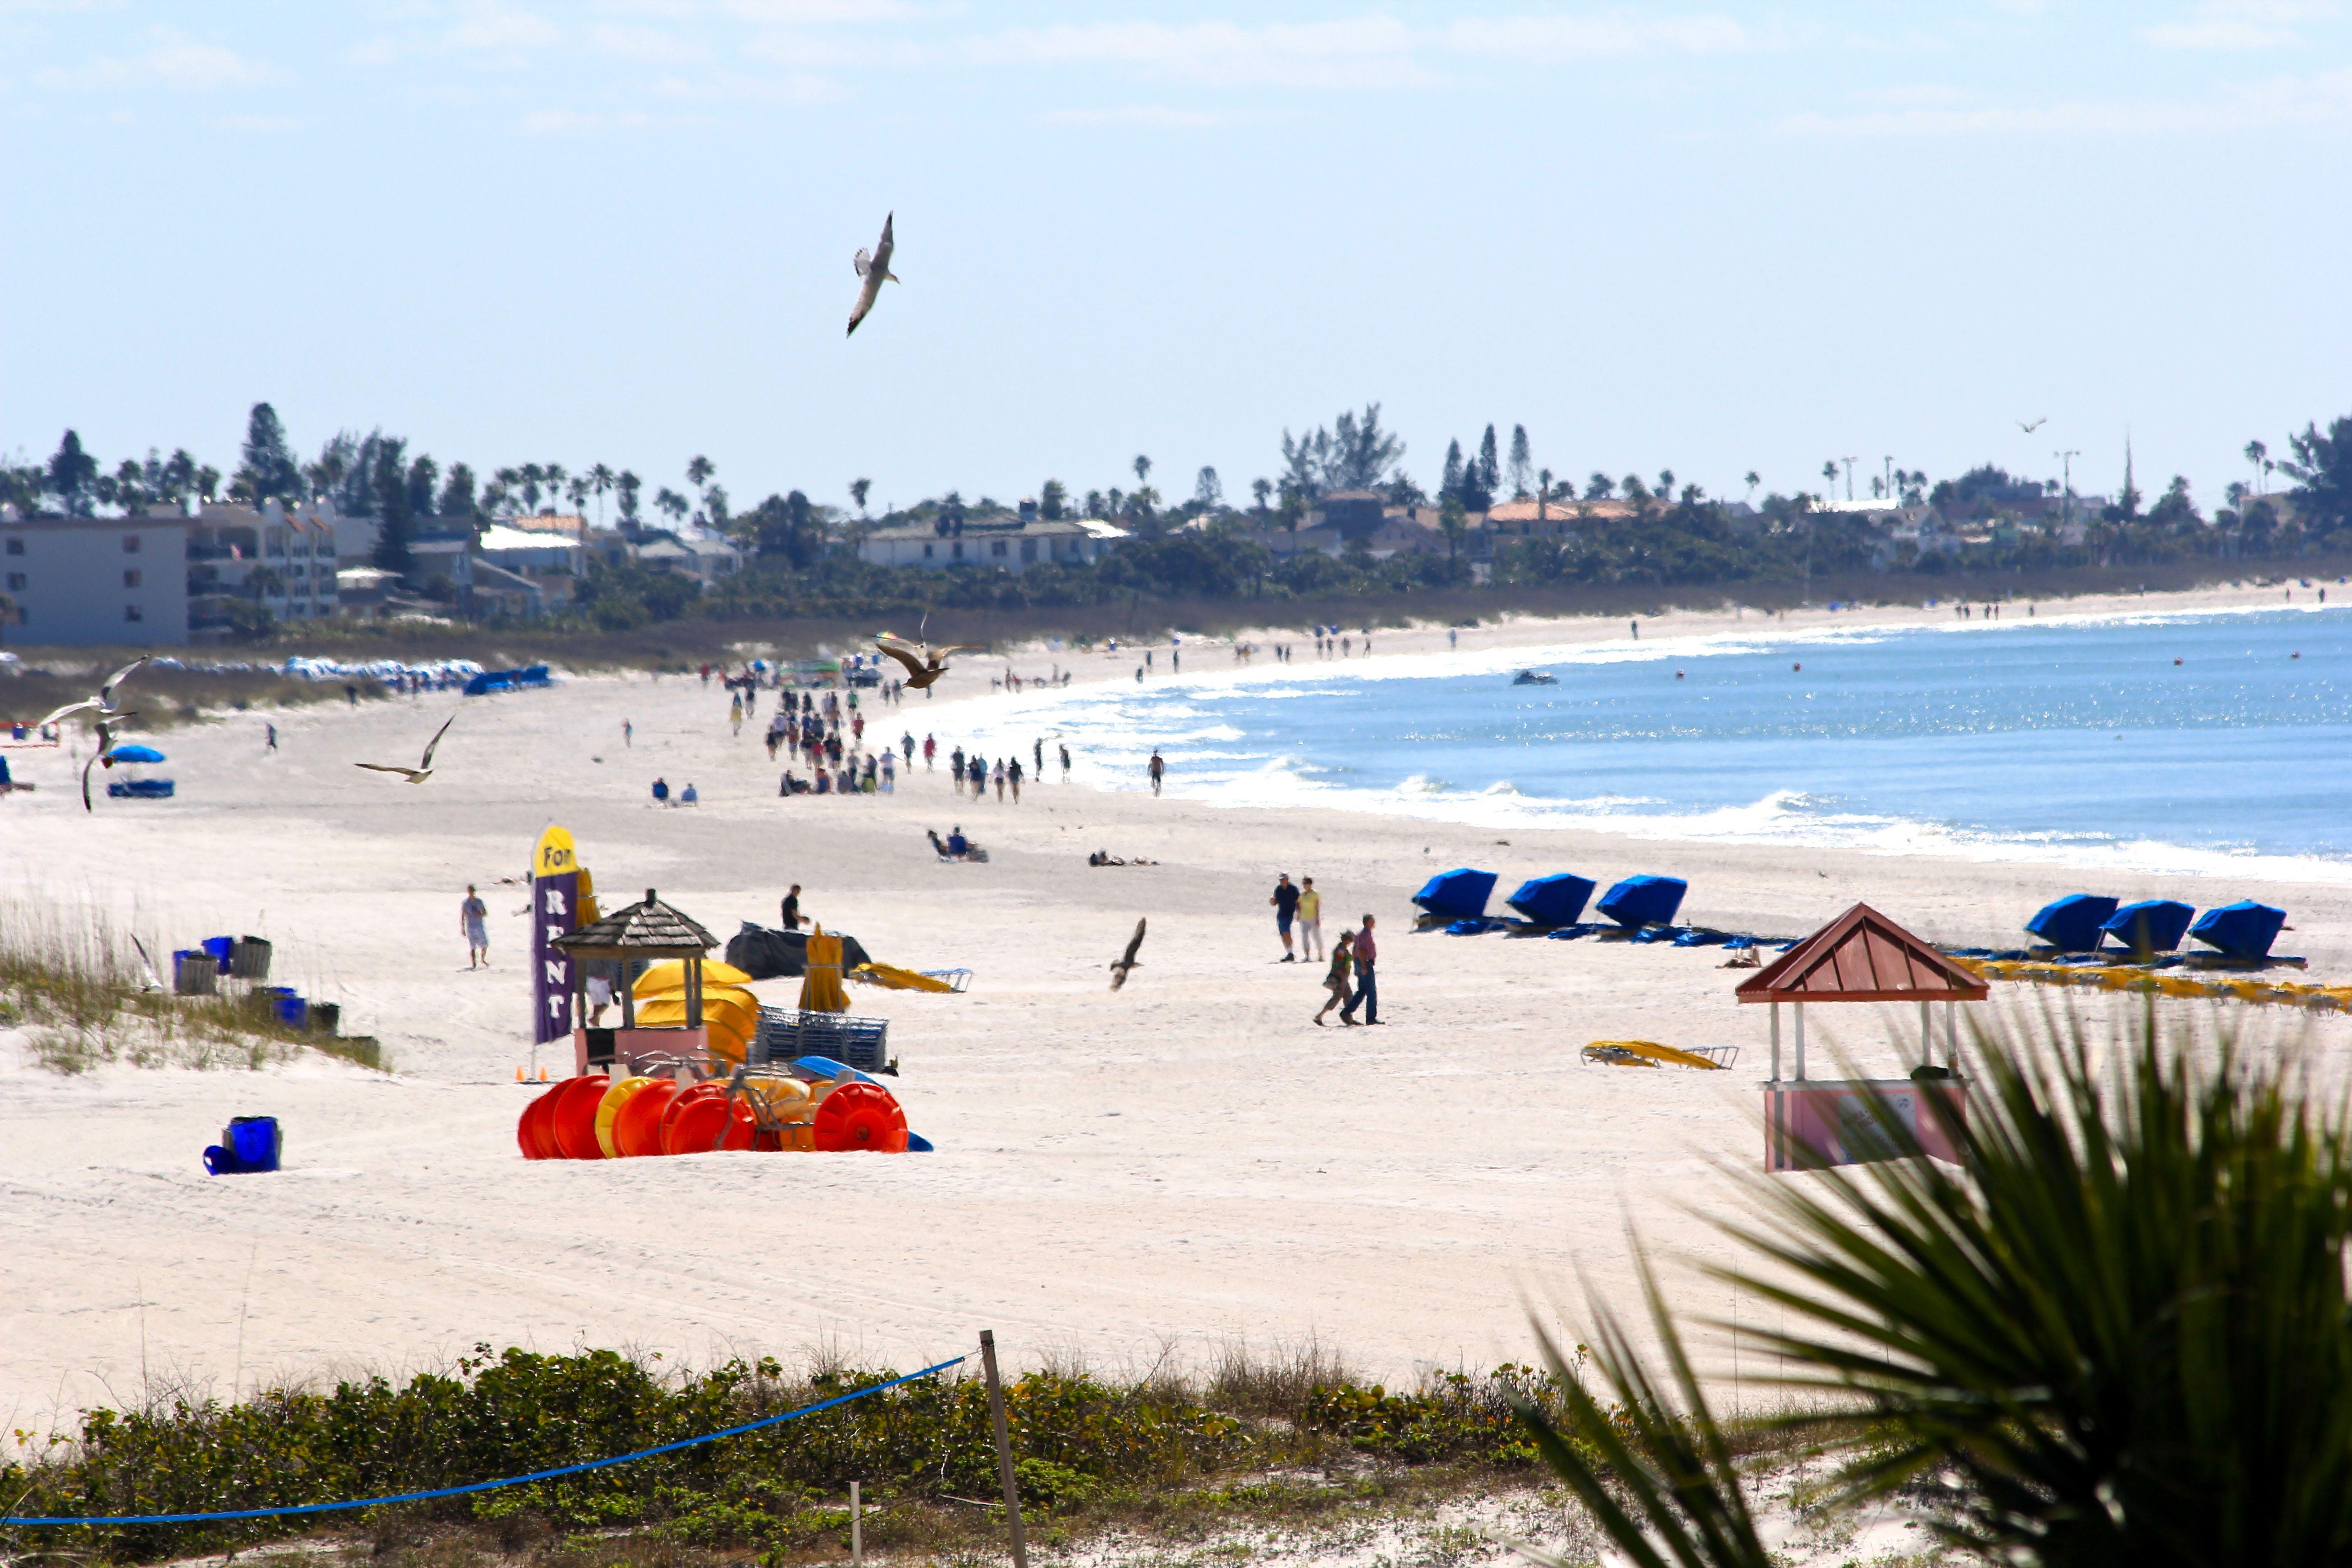 St. Pete Beach Beach, Dolores park, Park